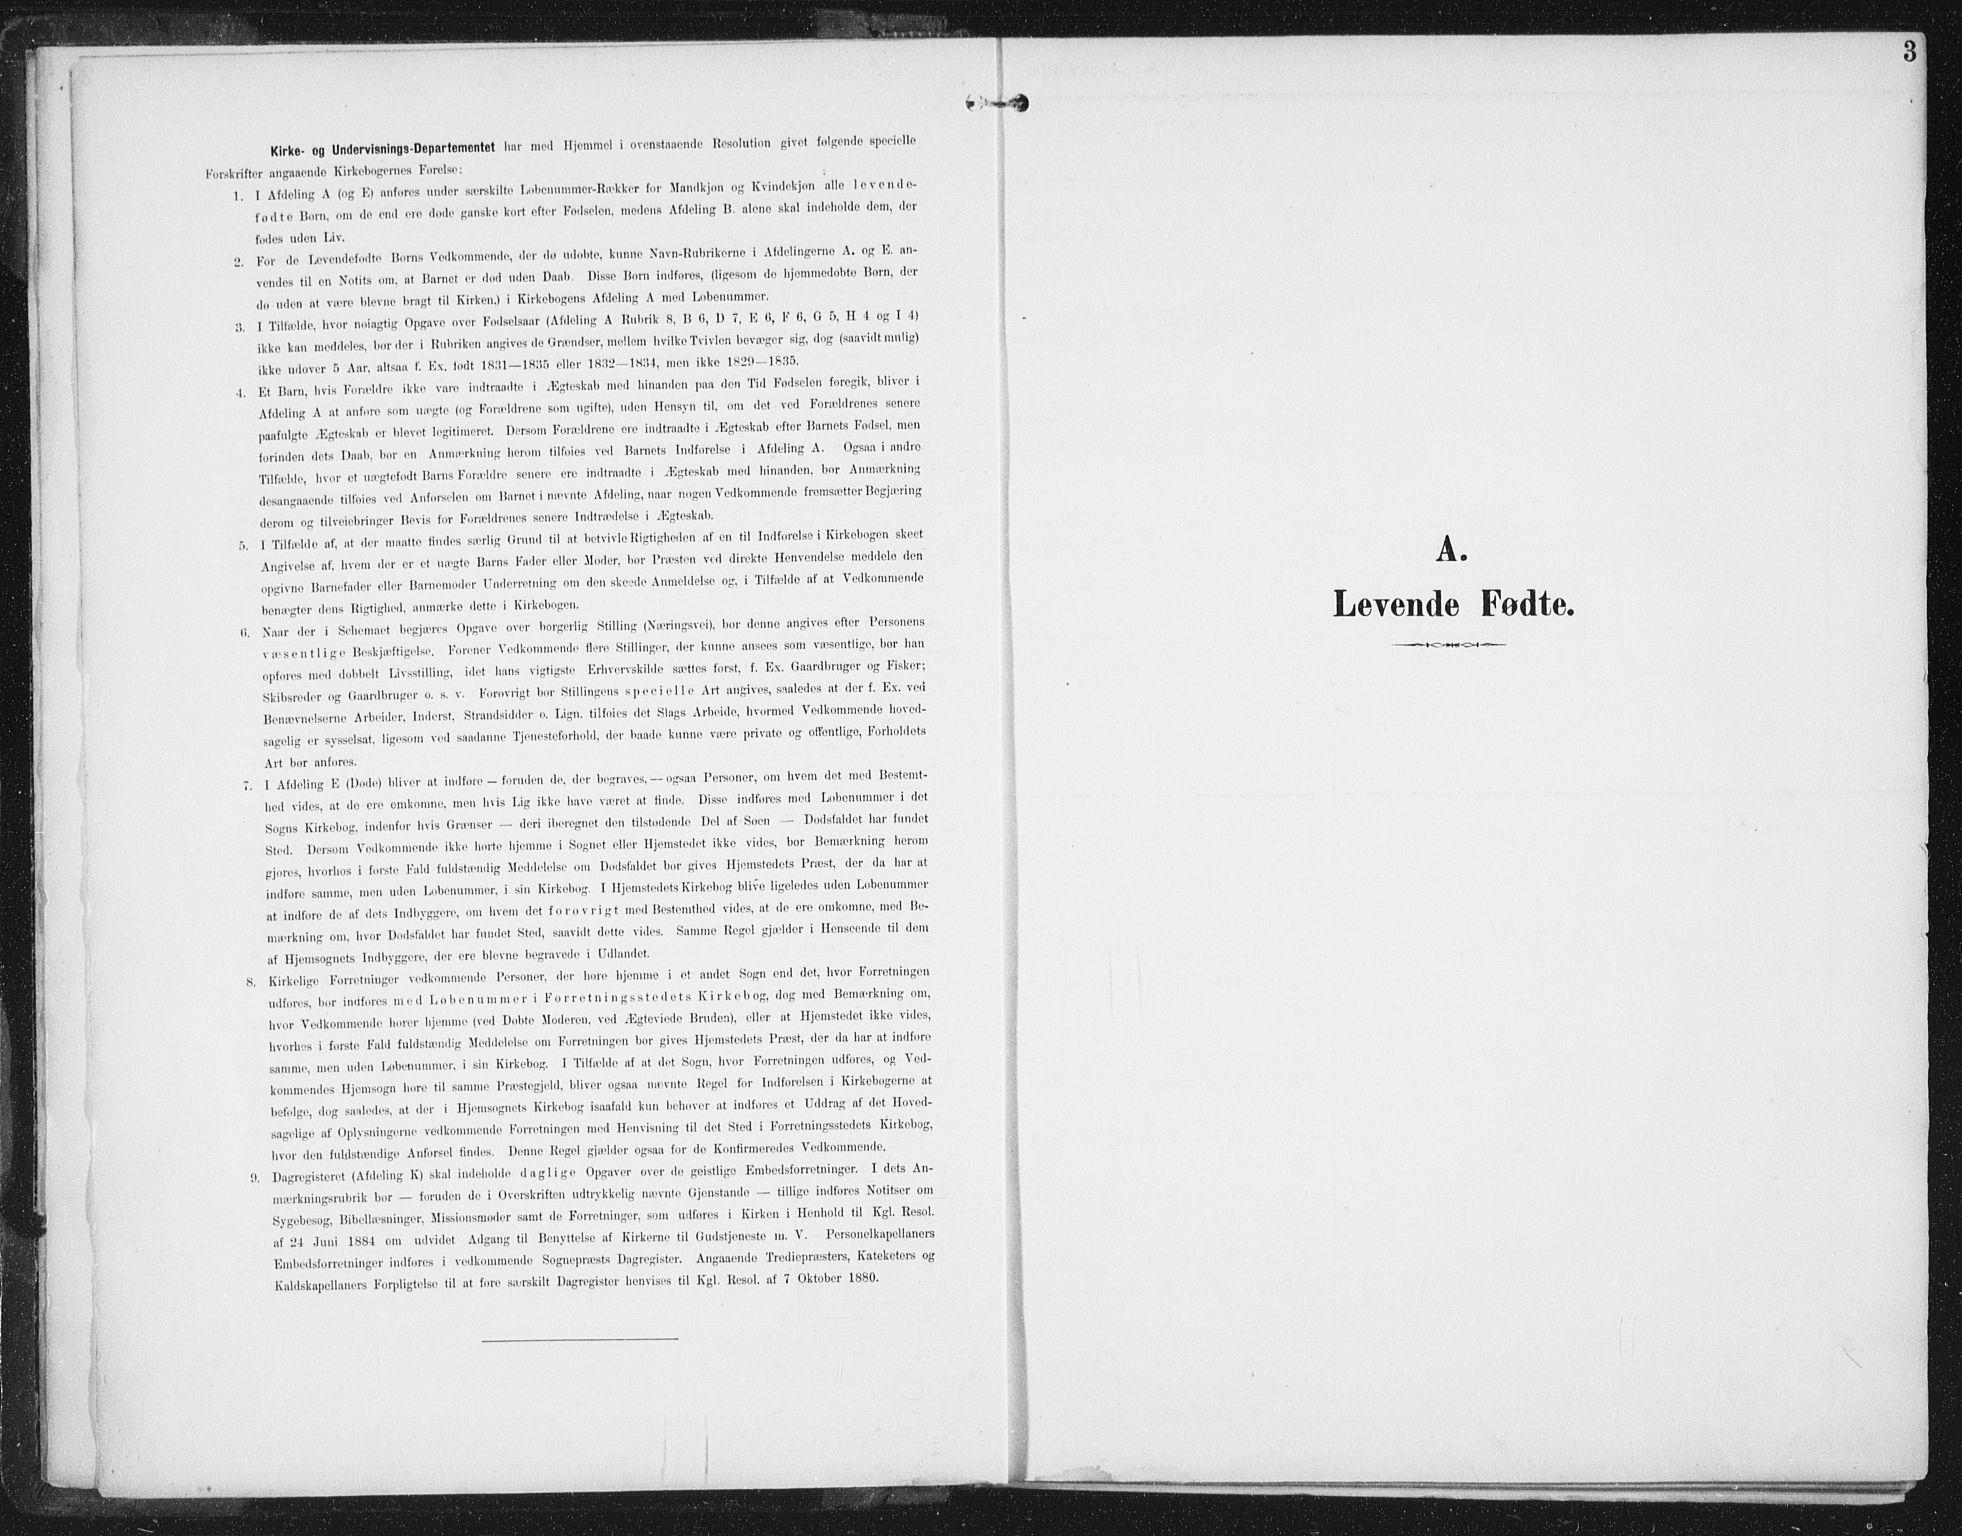 SAT, Ministerialprotokoller, klokkerbøker og fødselsregistre - Sør-Trøndelag, 674/L0872: Ministerialbok nr. 674A04, 1897-1907, s. 3